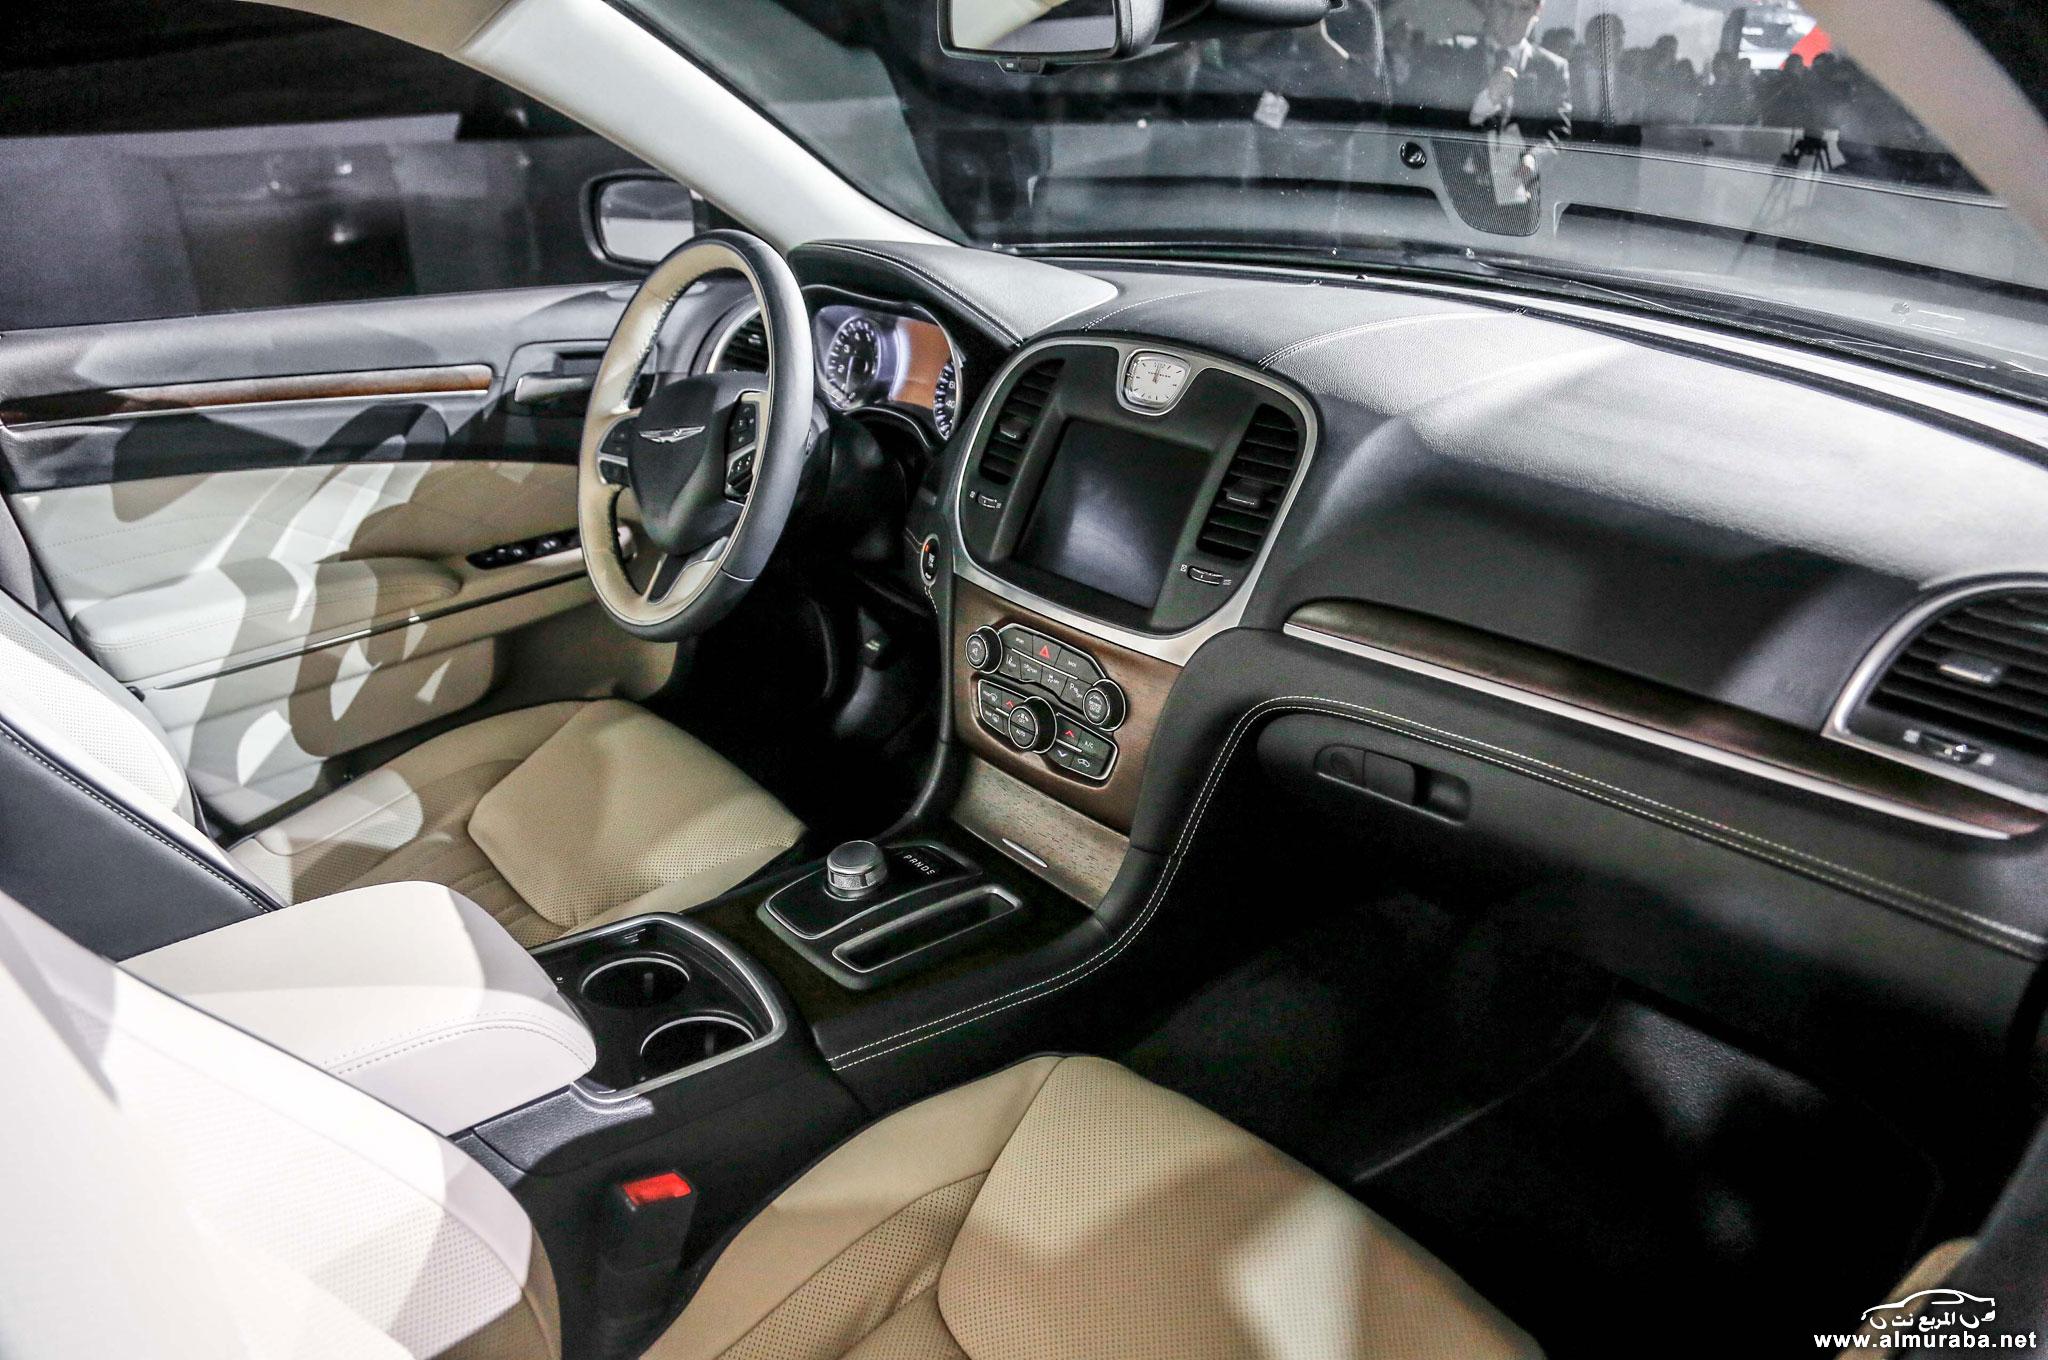 2015-chrysler-300-interior-2